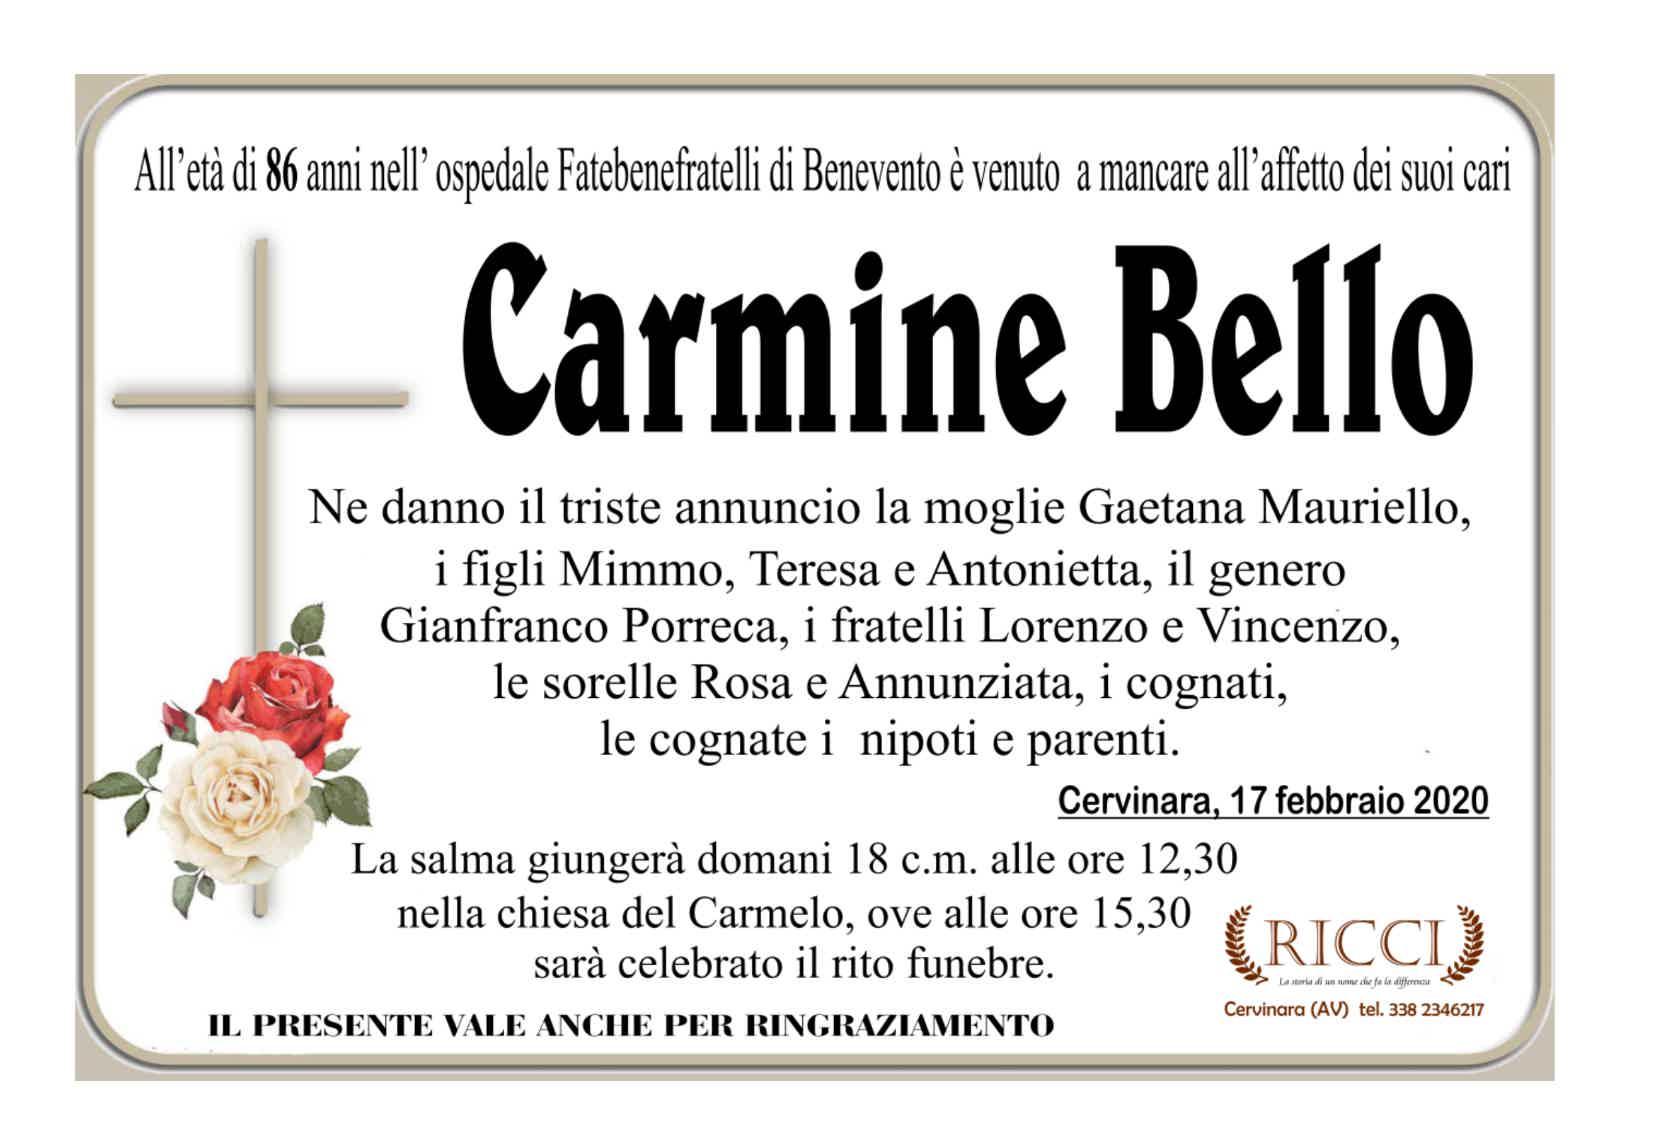 Carmine Bello